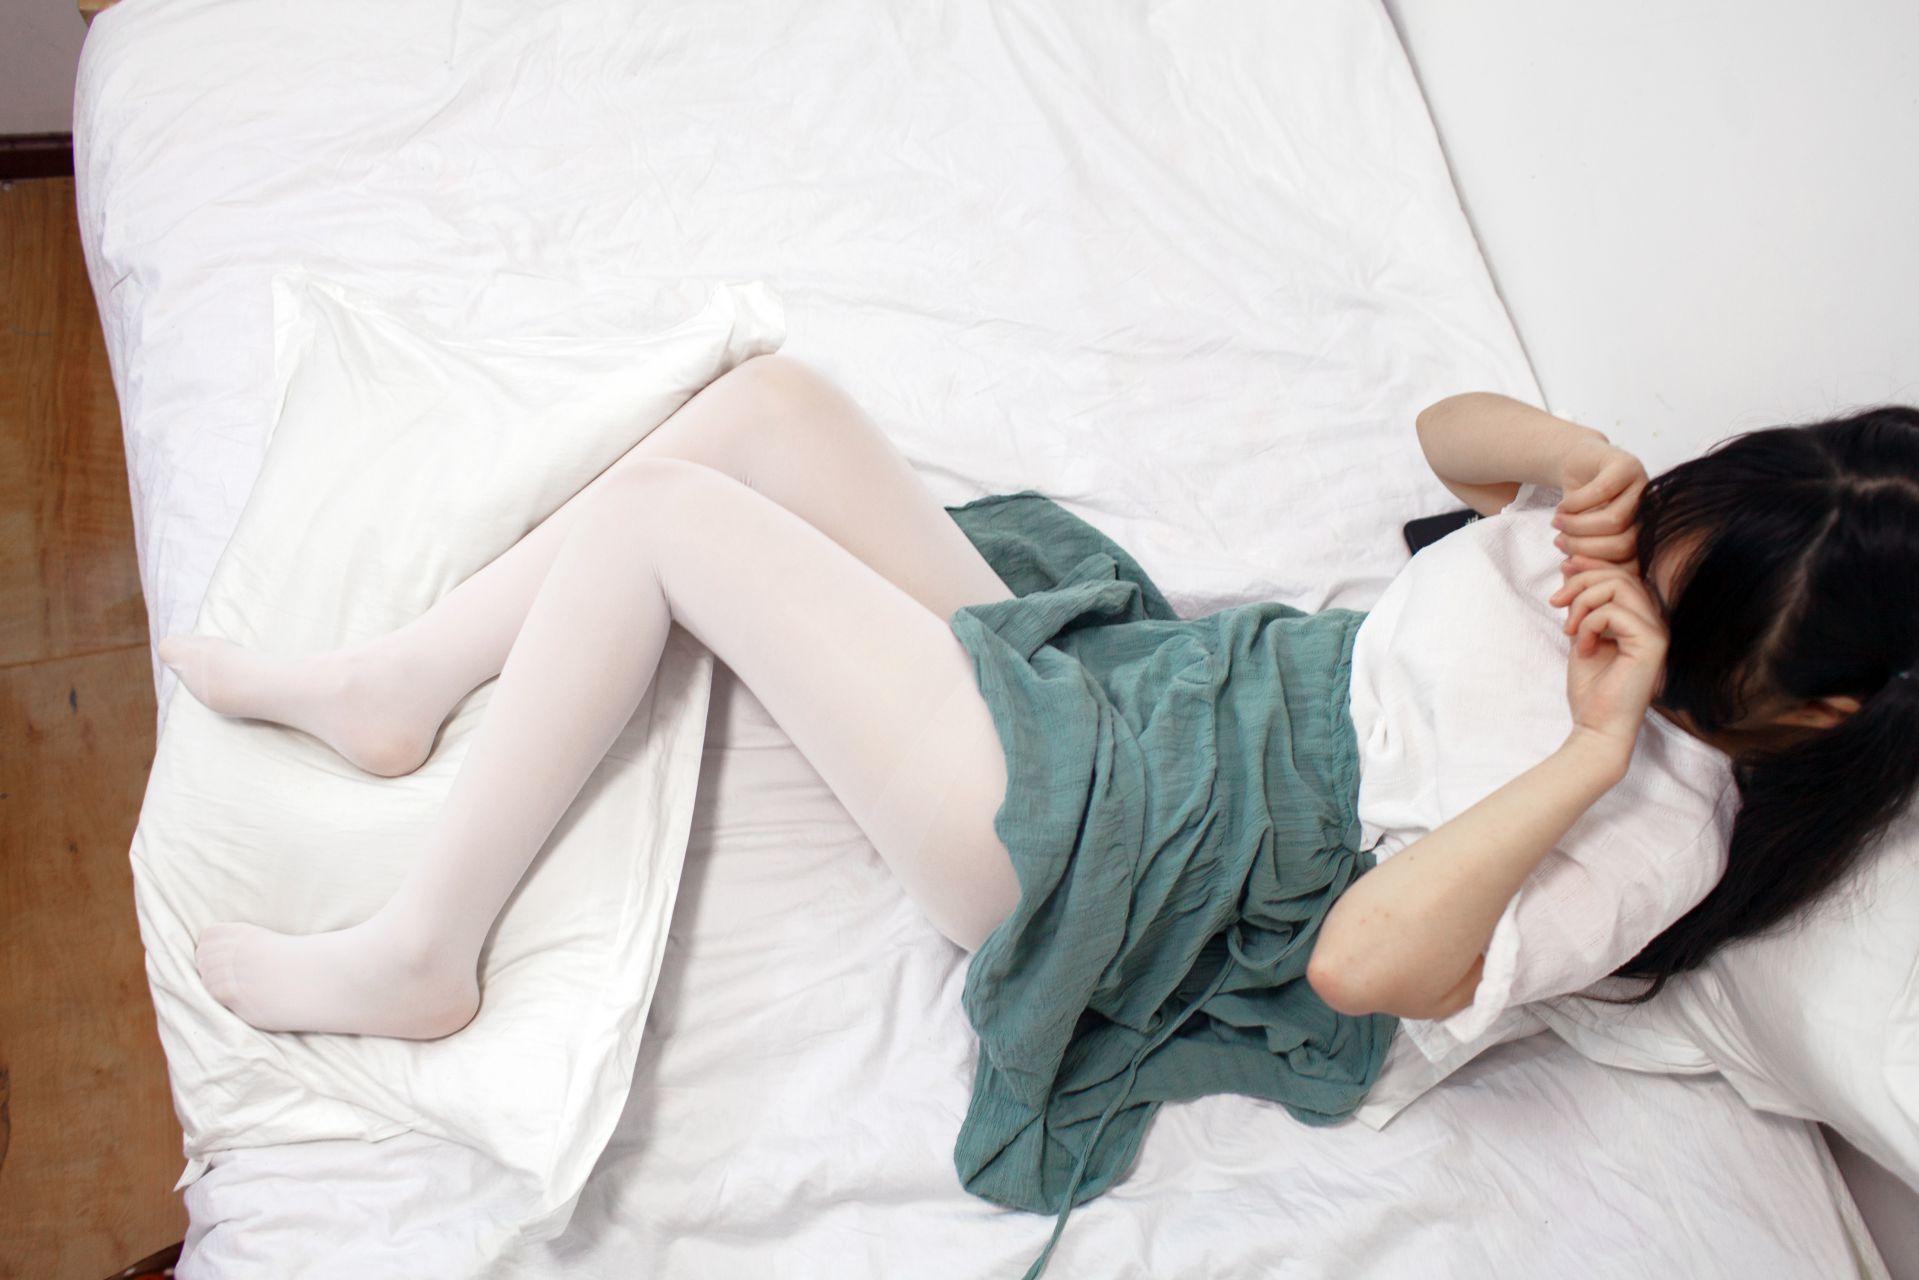 少女秩序 EXVOL.03 私房白丝美腿 兔玩映画 第25张